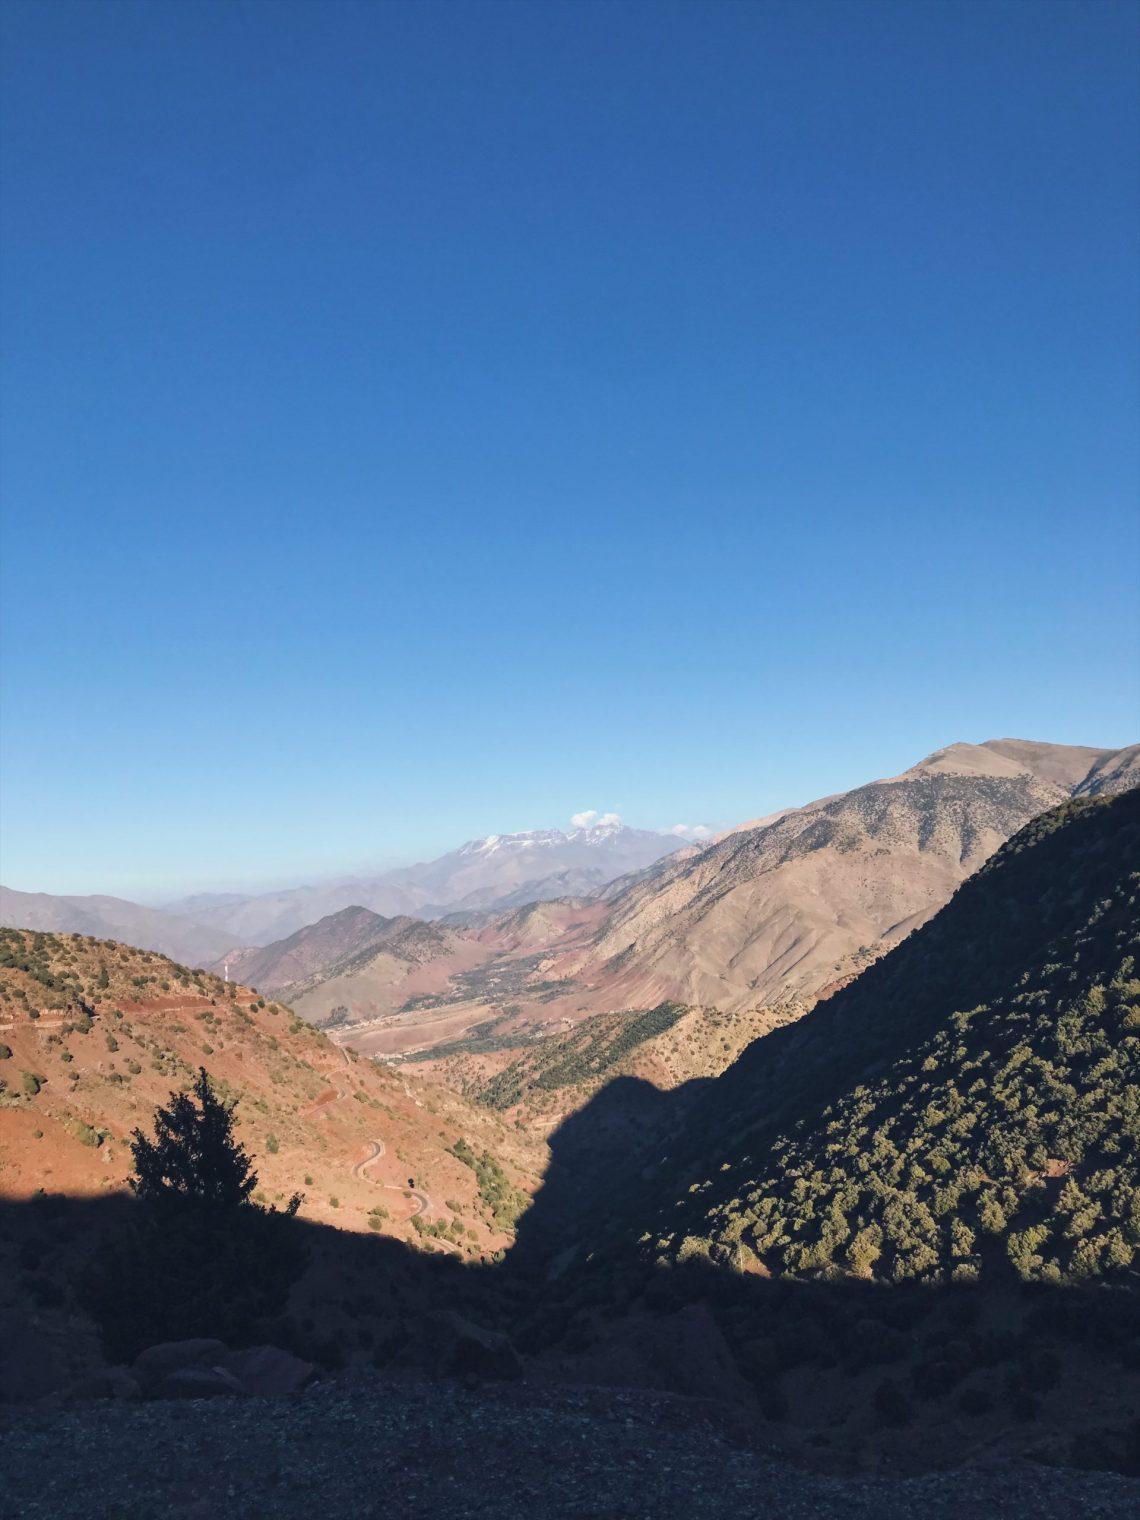 Voyage au Maroc Tizi-n-Test vue panoramique Toubkal